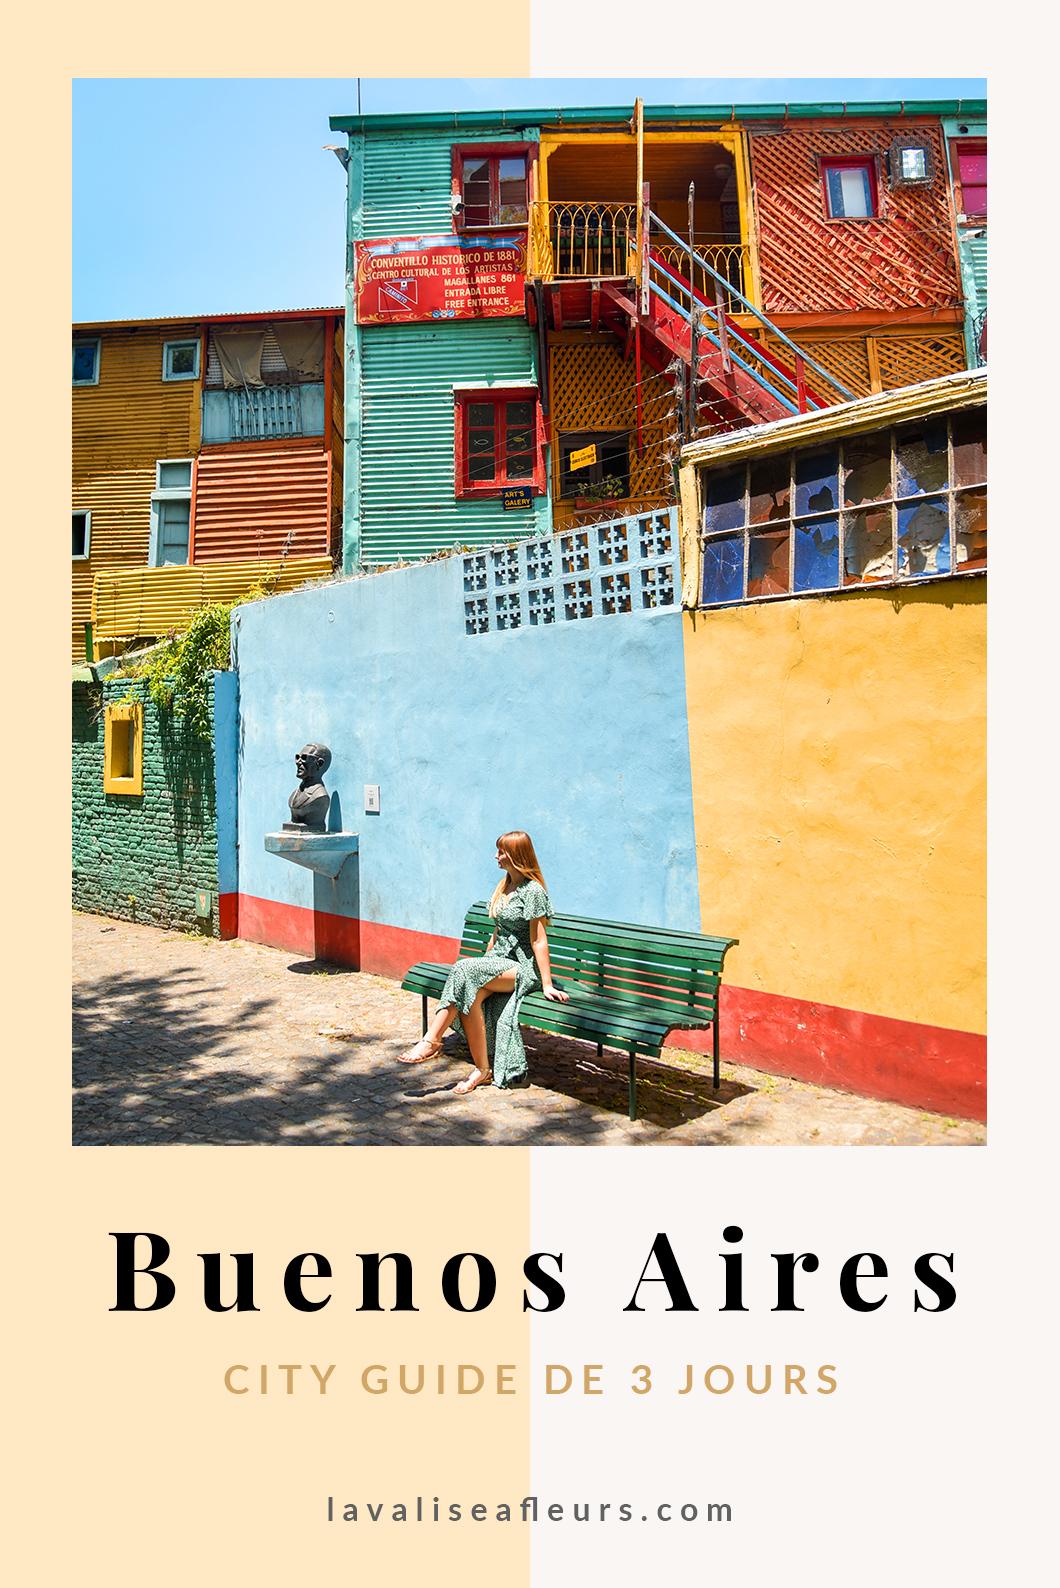 City guide de 3 jours à Buenos Aires